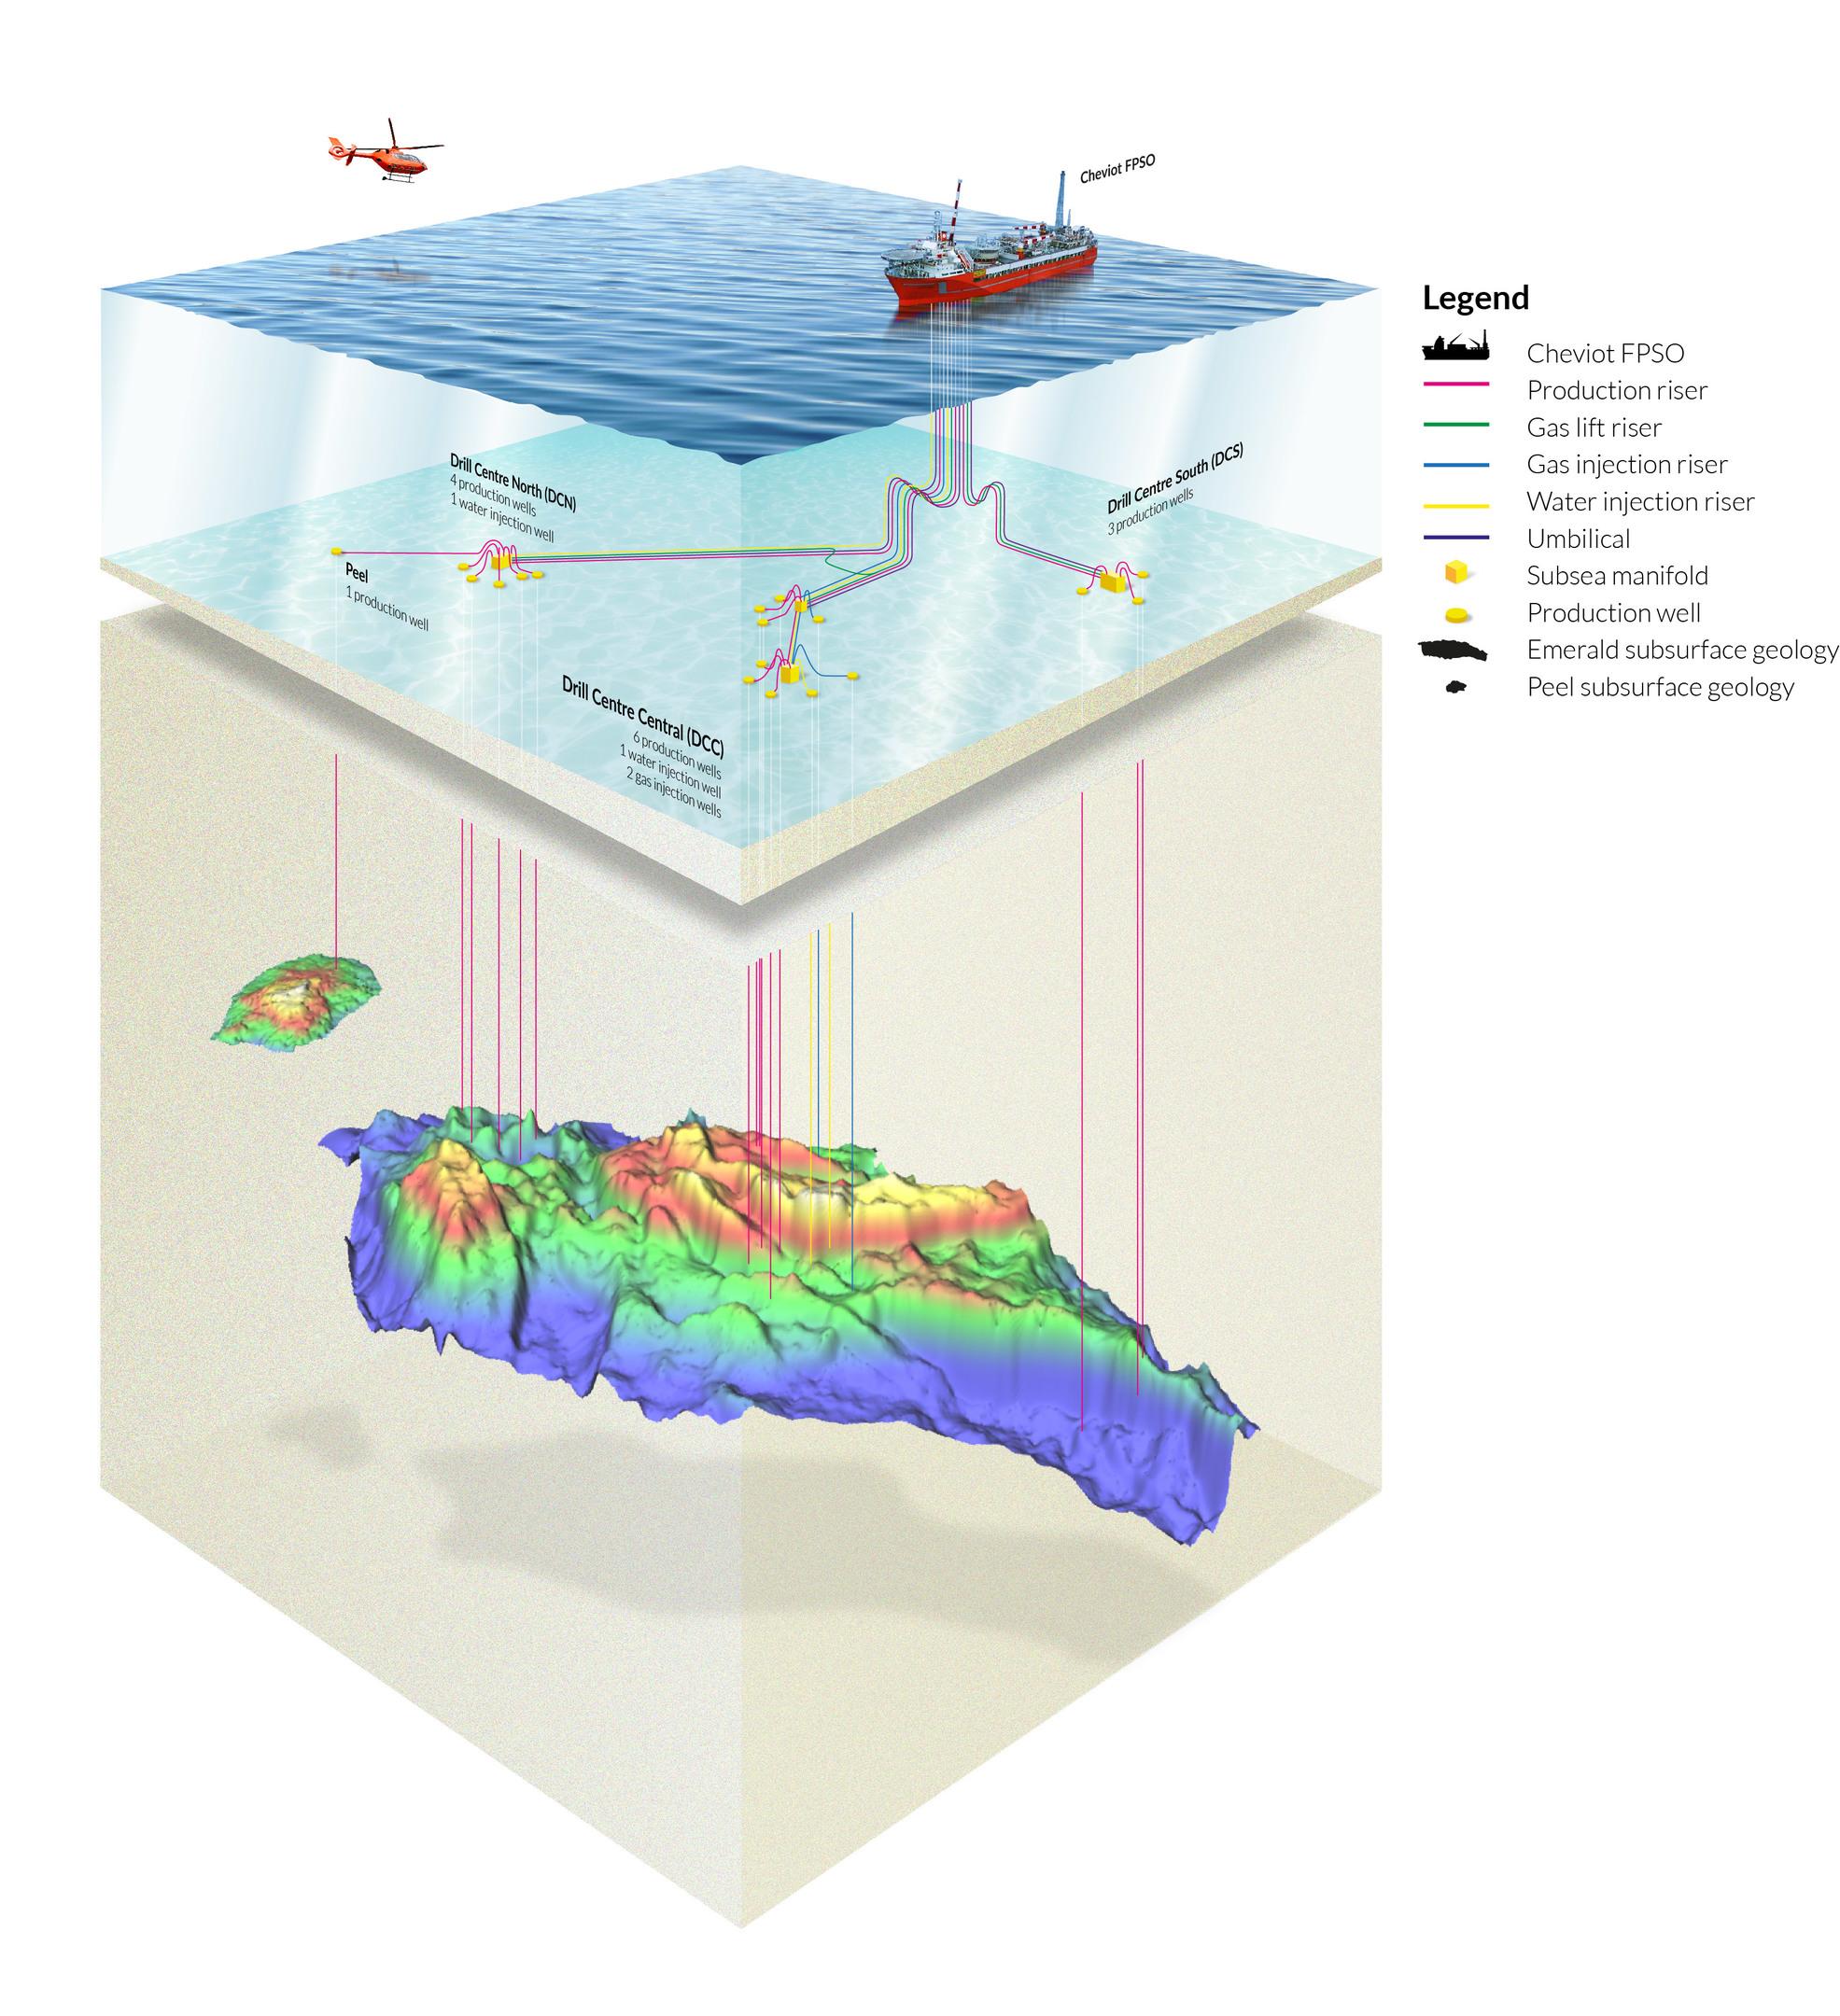 A diagram of the Cheviot oil field development